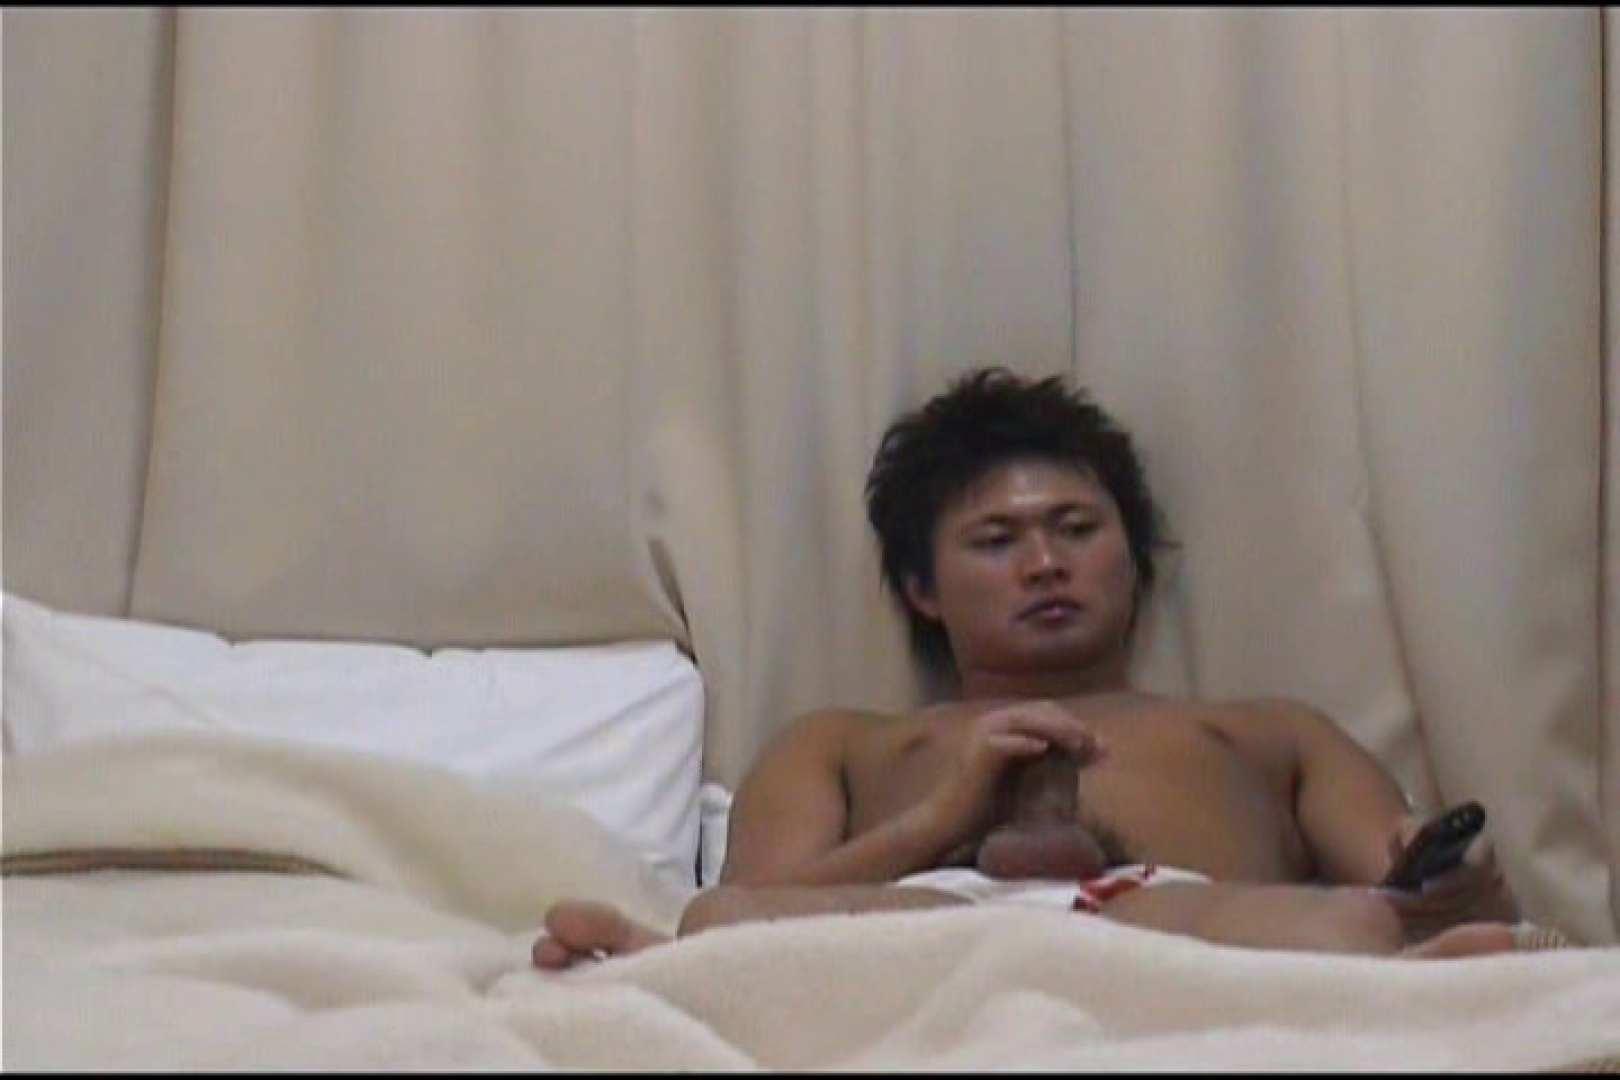 目線解禁!ノンケイケメン自慰行為編特集!VOL.01 スジ筋系メンズ ゲイAV画像 14画像 13